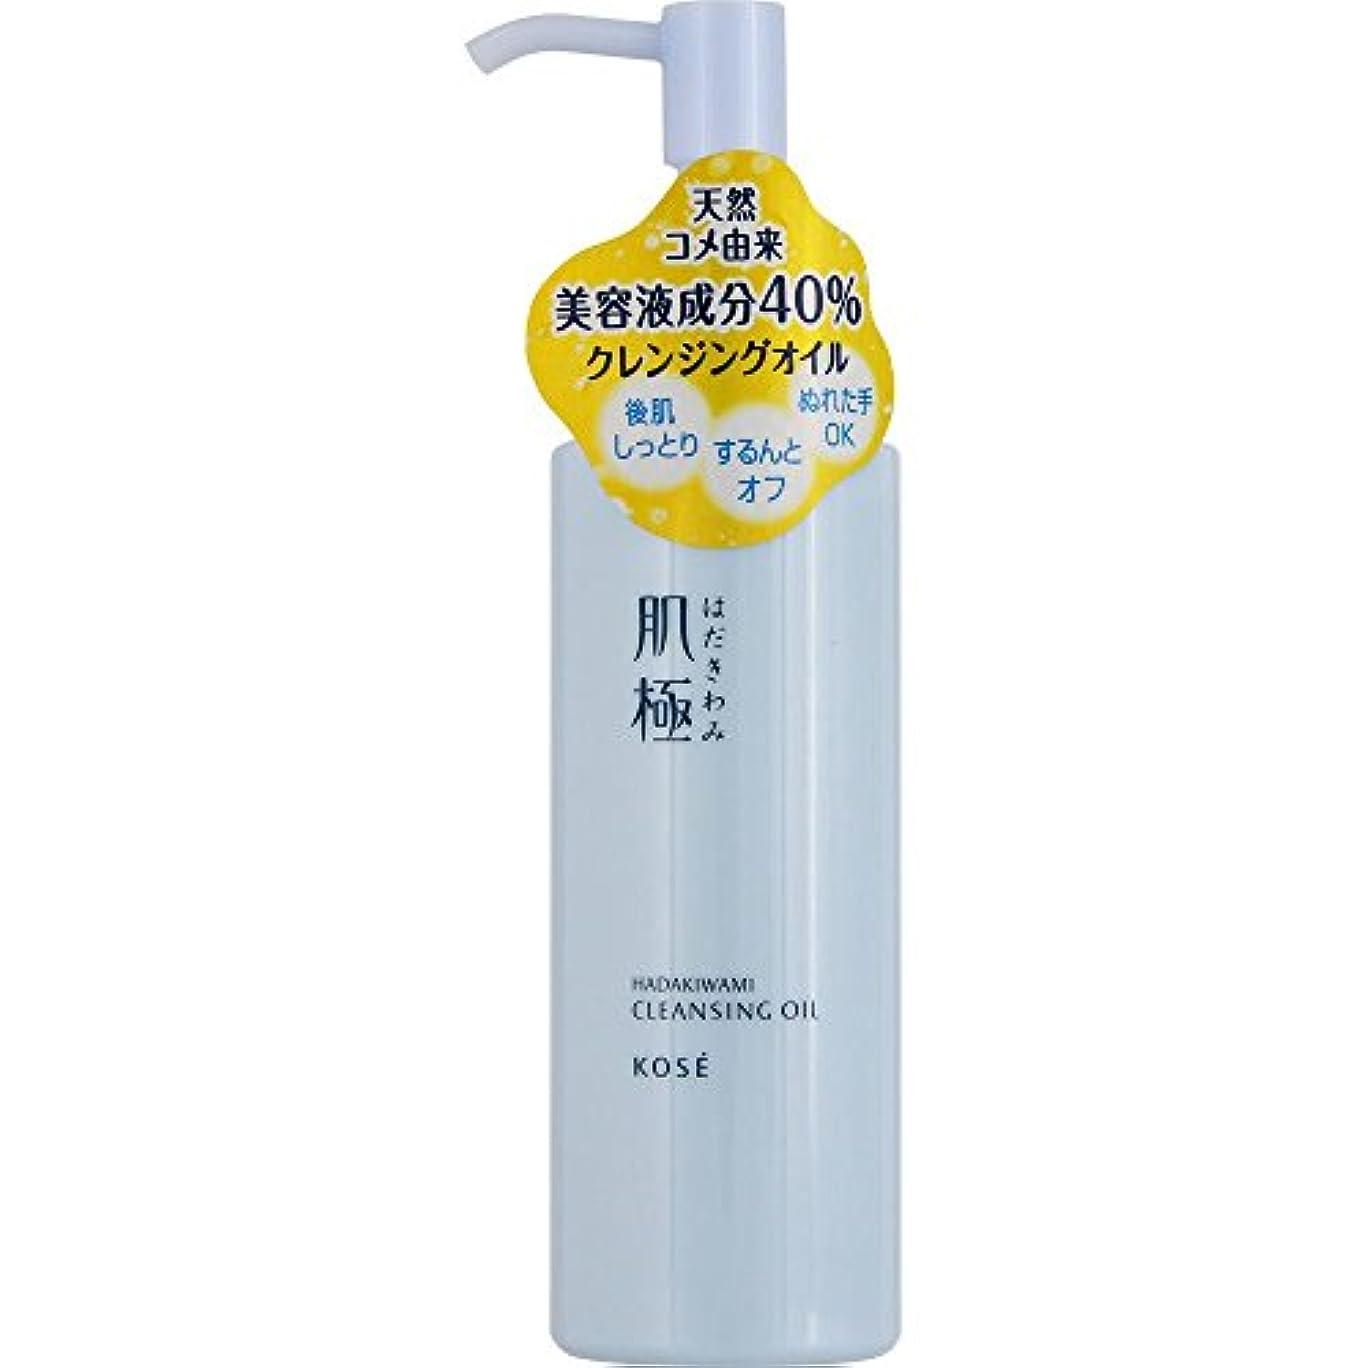 ペン悪質な熟達した肌極 はだきわみ クレンジングオイル 150mL